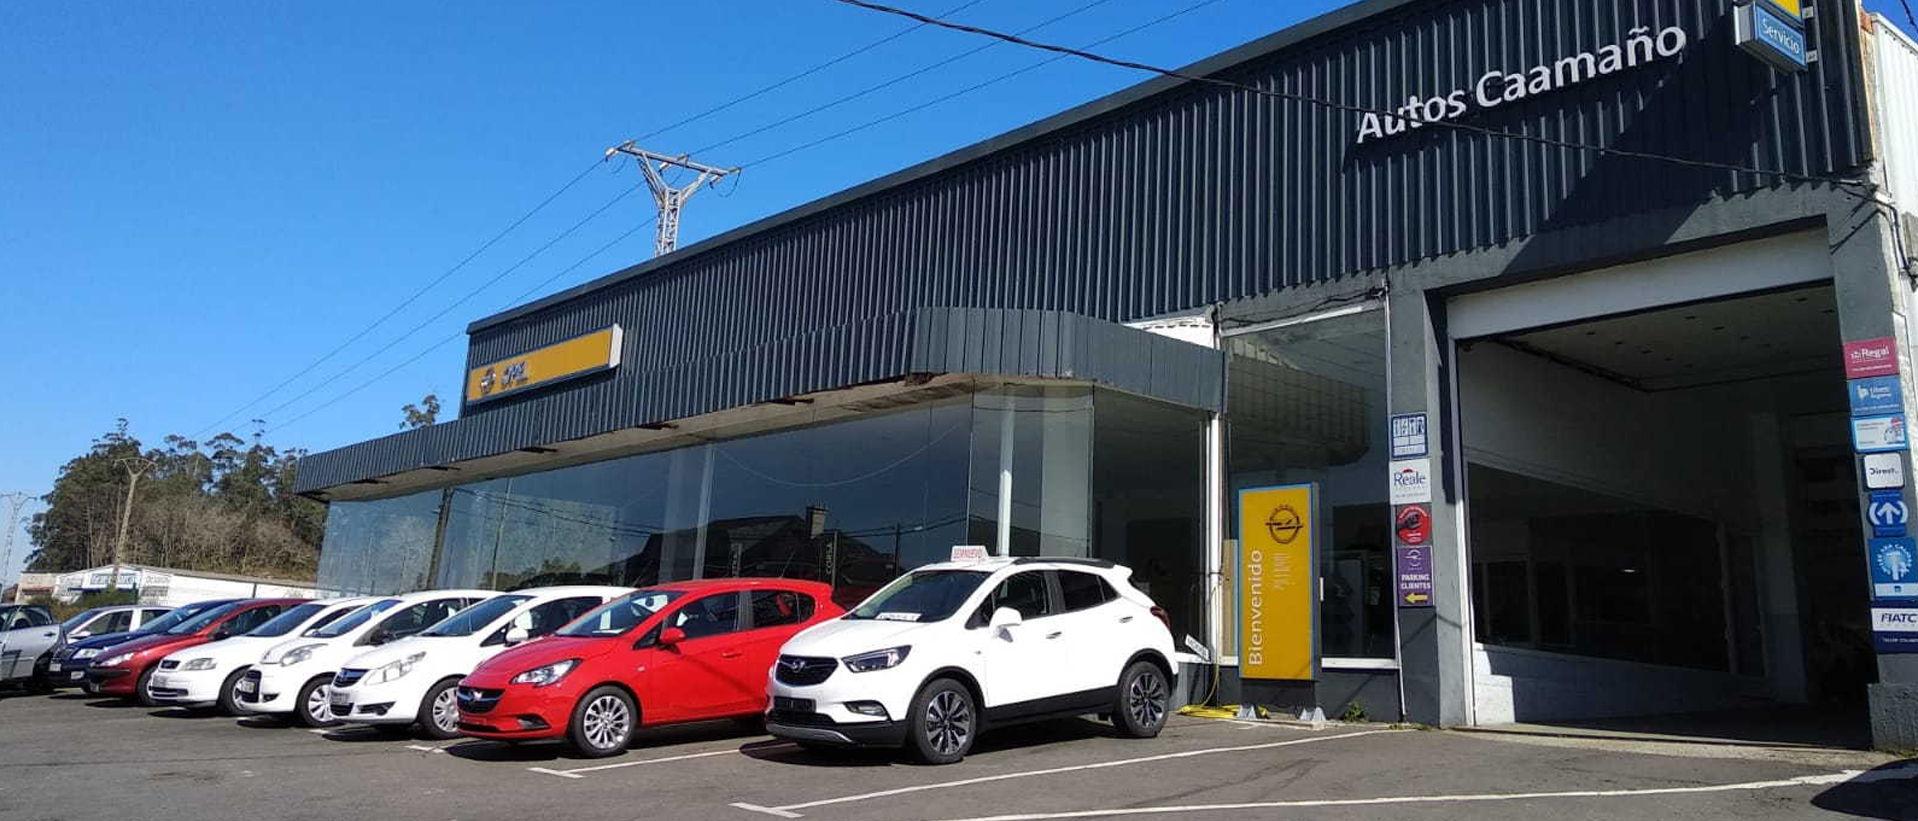 Servicio oficial Opel en Cee